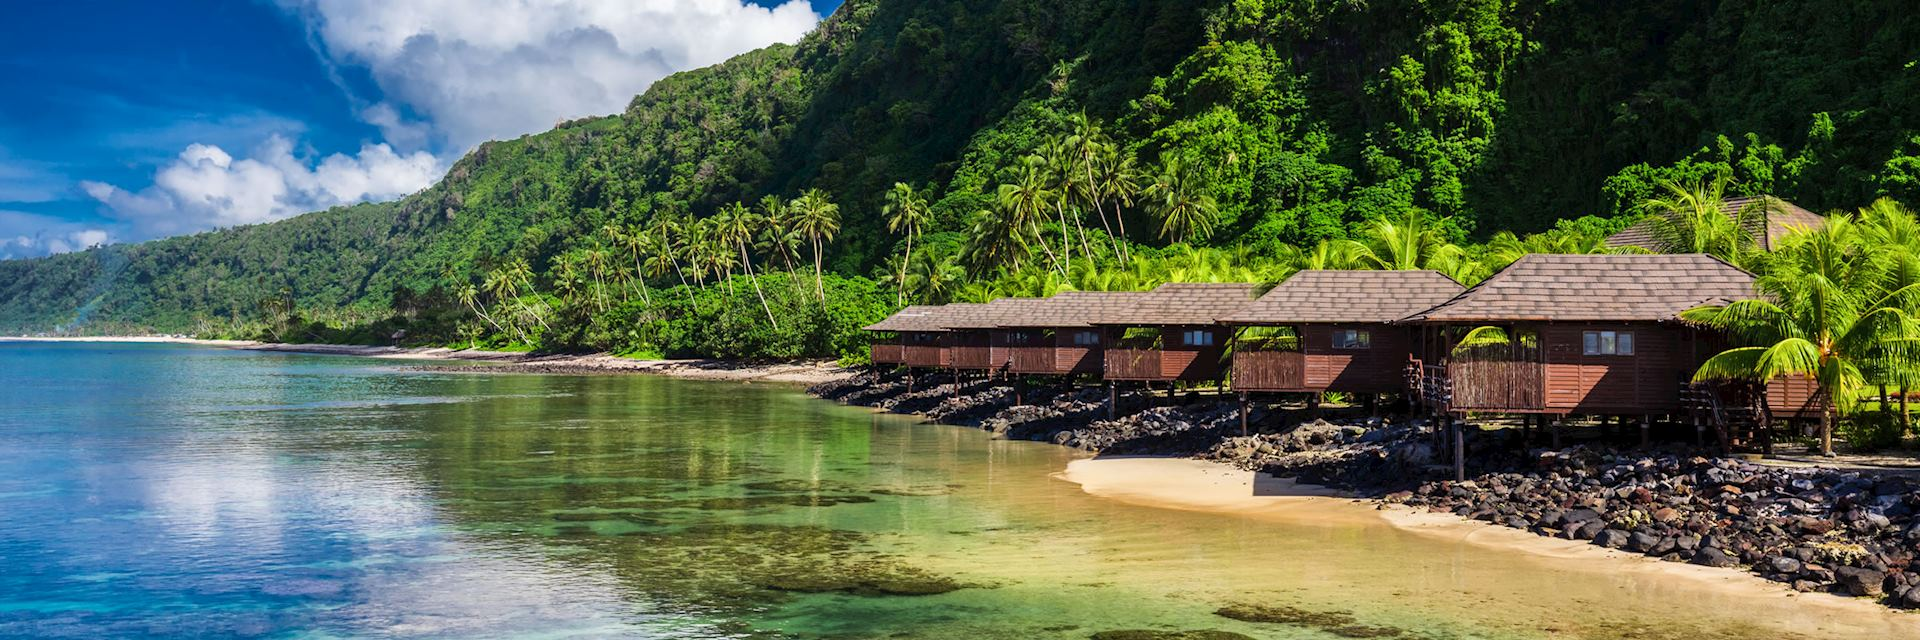 Beach houses on Upolu, Samoa